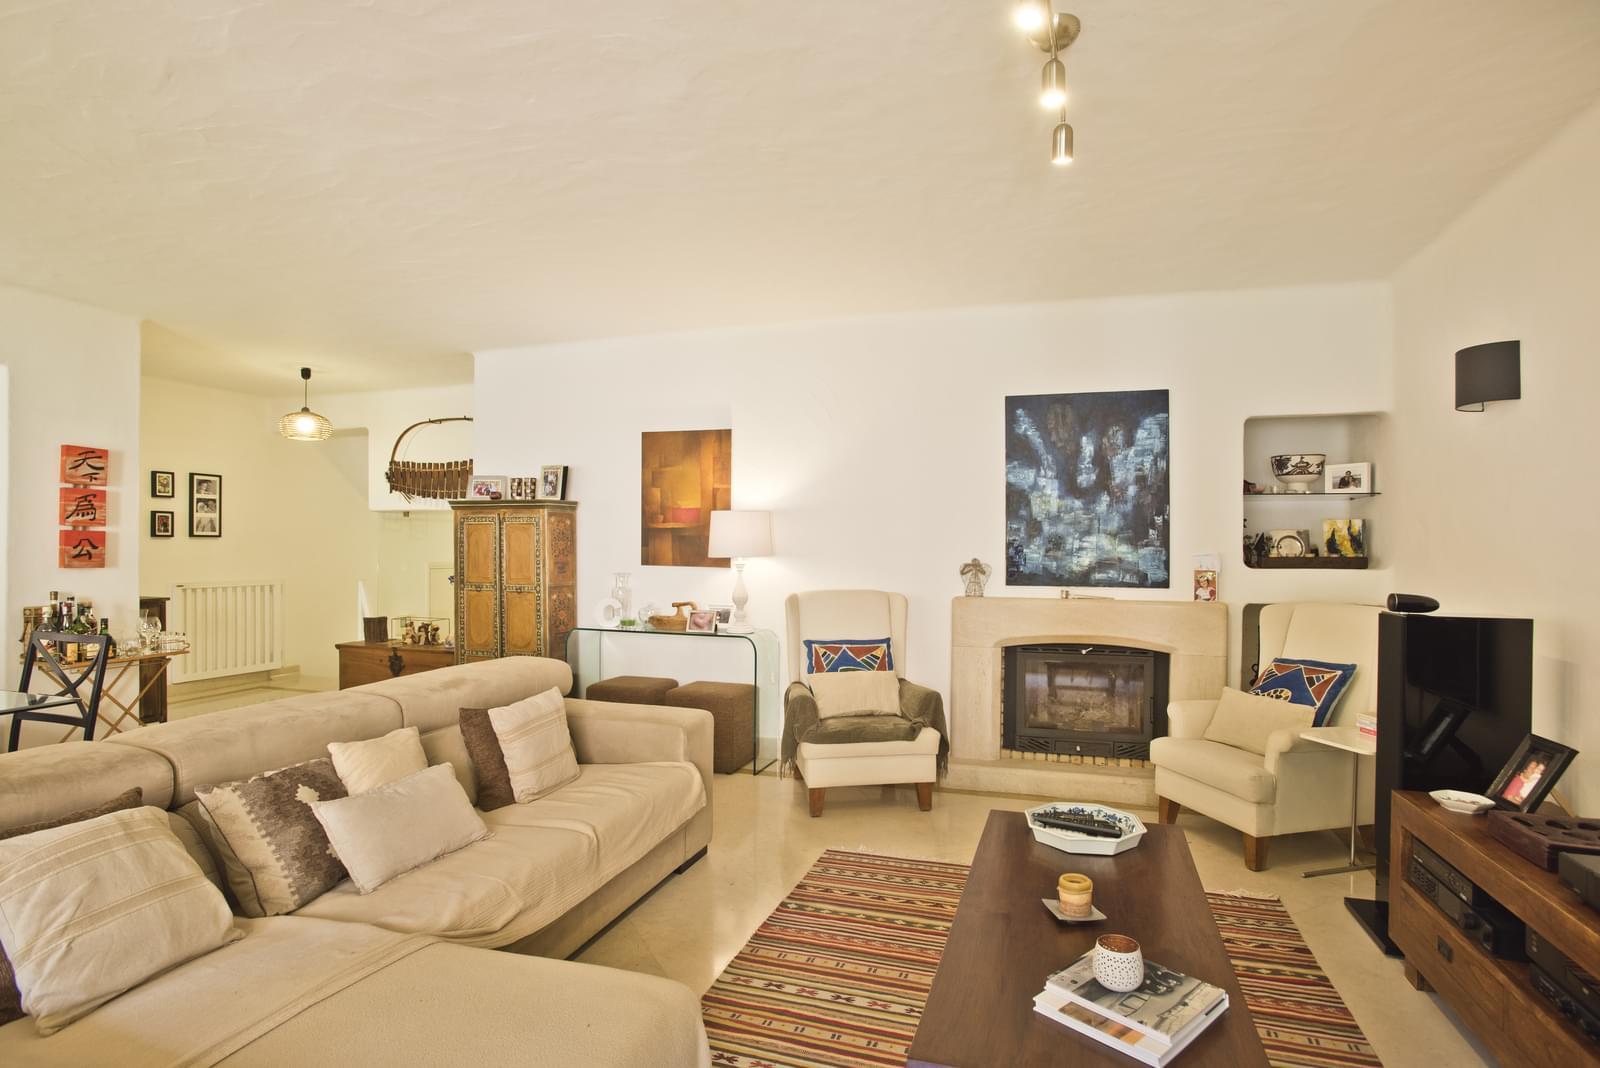 pf17230-apartamento-t3-cascais-21b996aa-23d0-46ac-b97e-c954bc0004f5